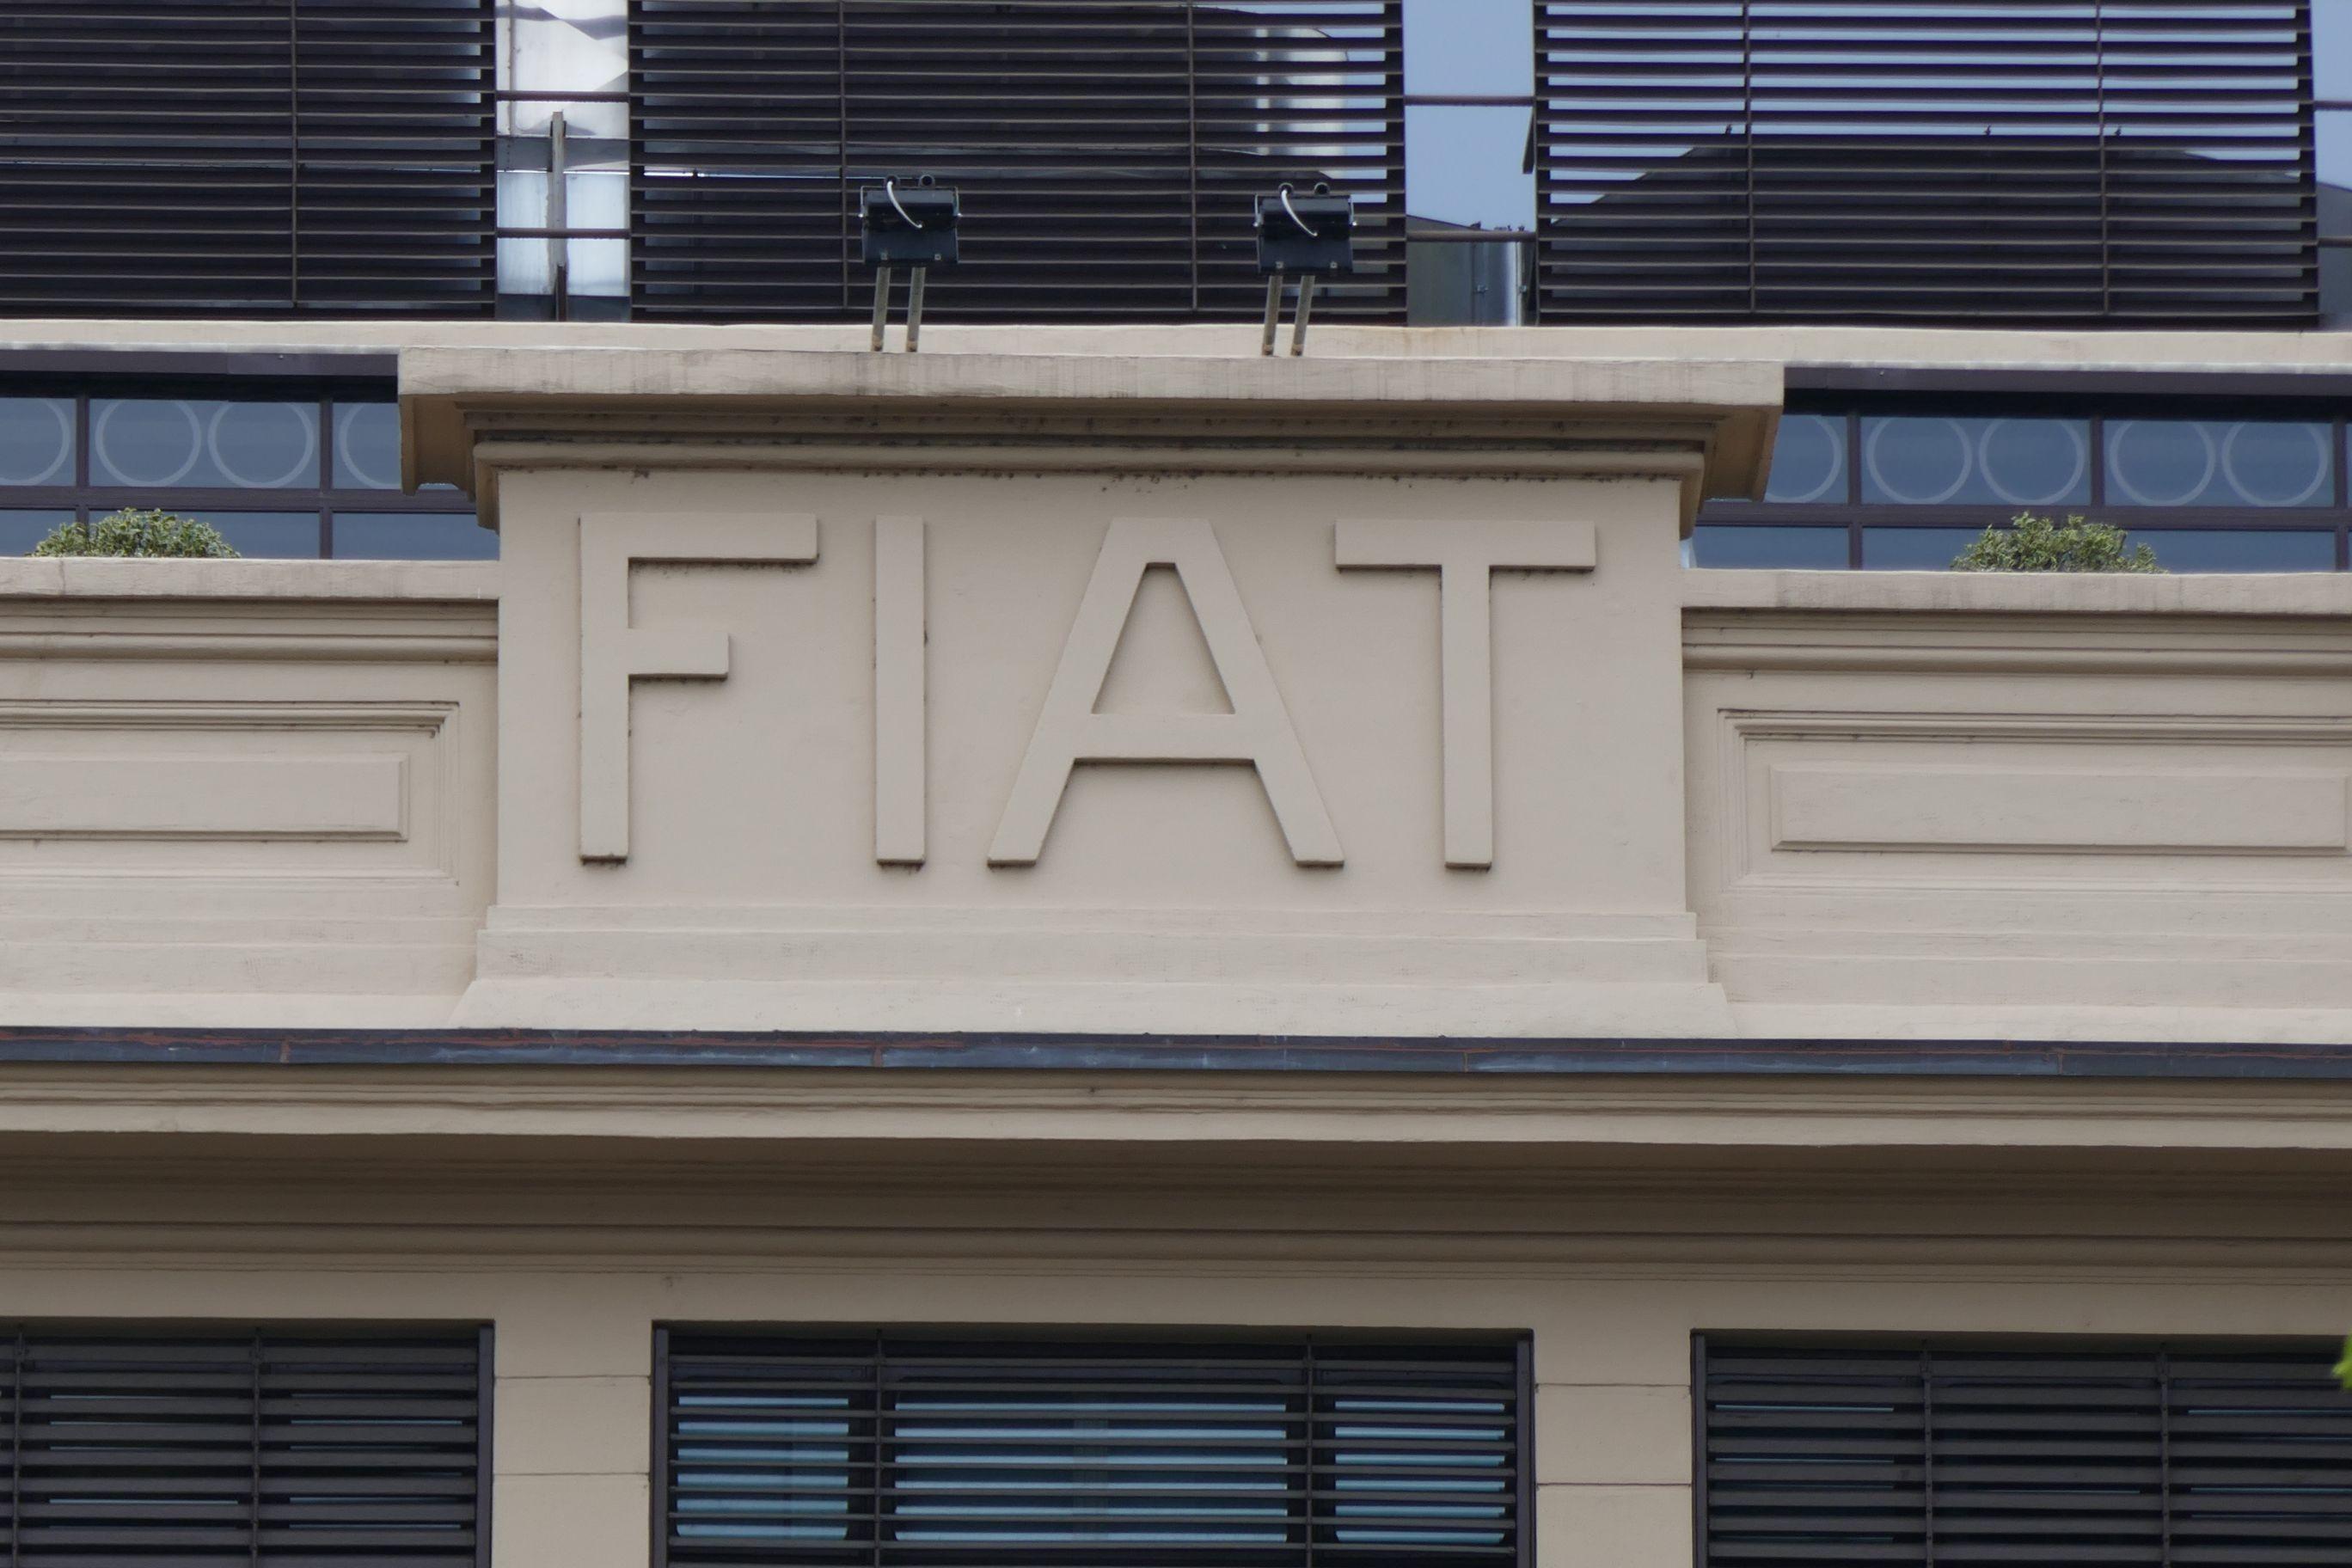 Fiat, die Fabbrica Italiana Automobili Torino, war zu Recht stolz auf ihr für Europa wegweisendes Automobilwerk. Noch heute ist das Symbol vergangenen Ruhms am Gebäude zu erkennen.